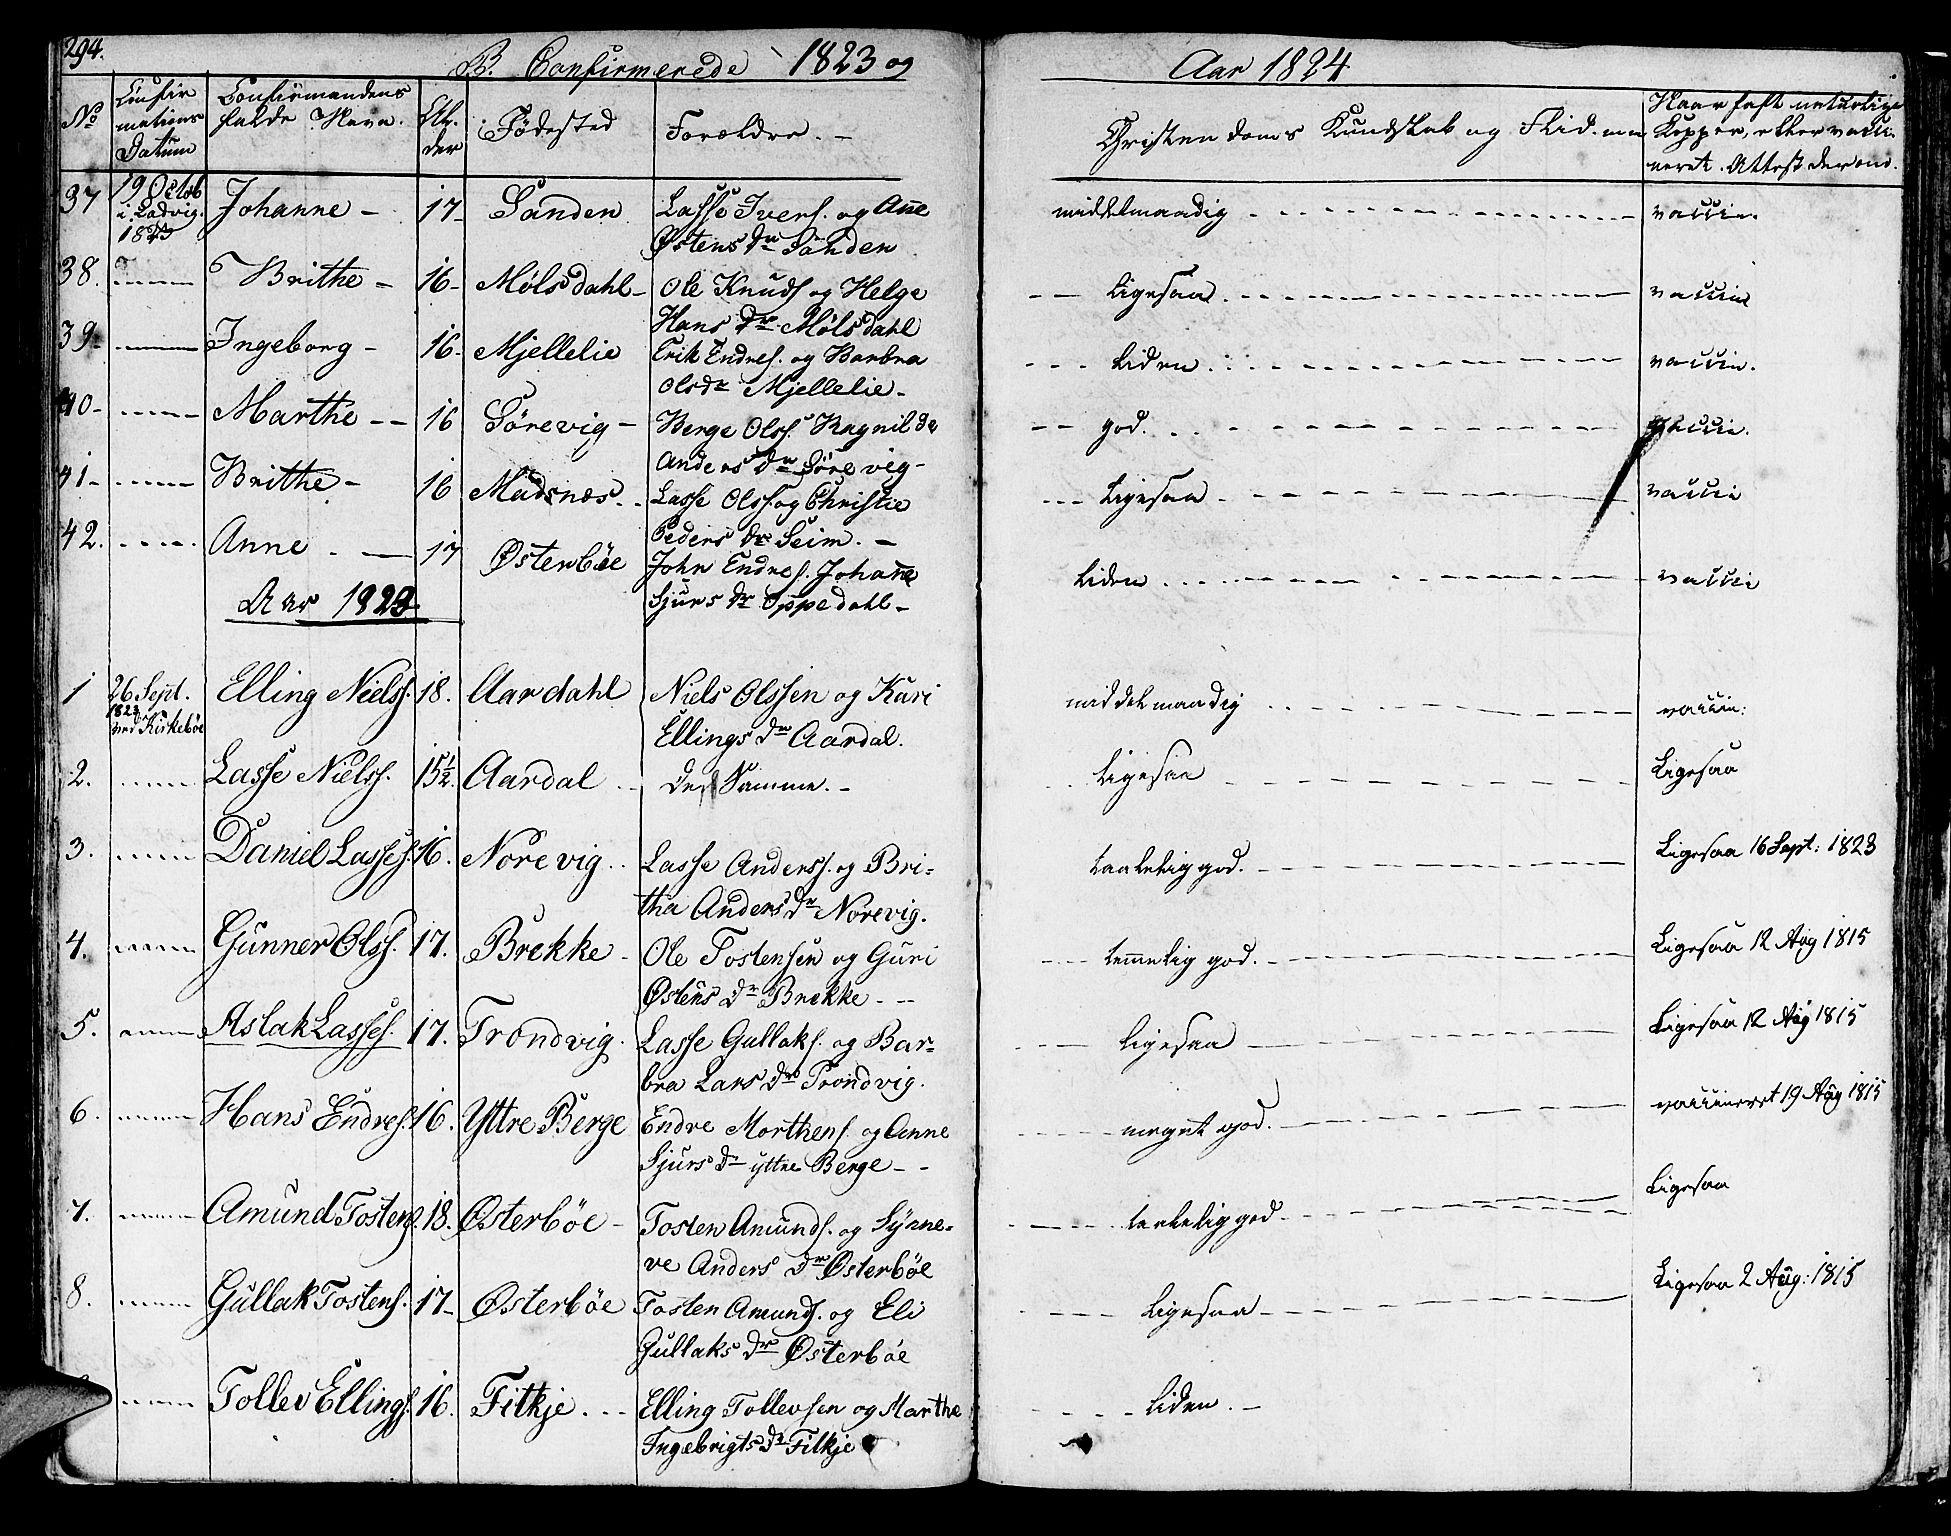 SAB, Lavik sokneprestembete, Ministerialbok nr. A 2I, 1821-1842, s. 294